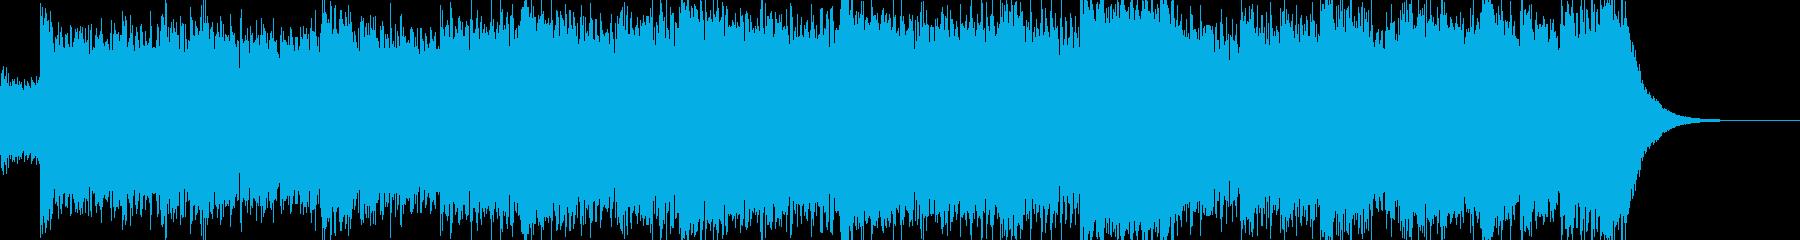 テンポの良い4つ打ちのオーケストラの再生済みの波形